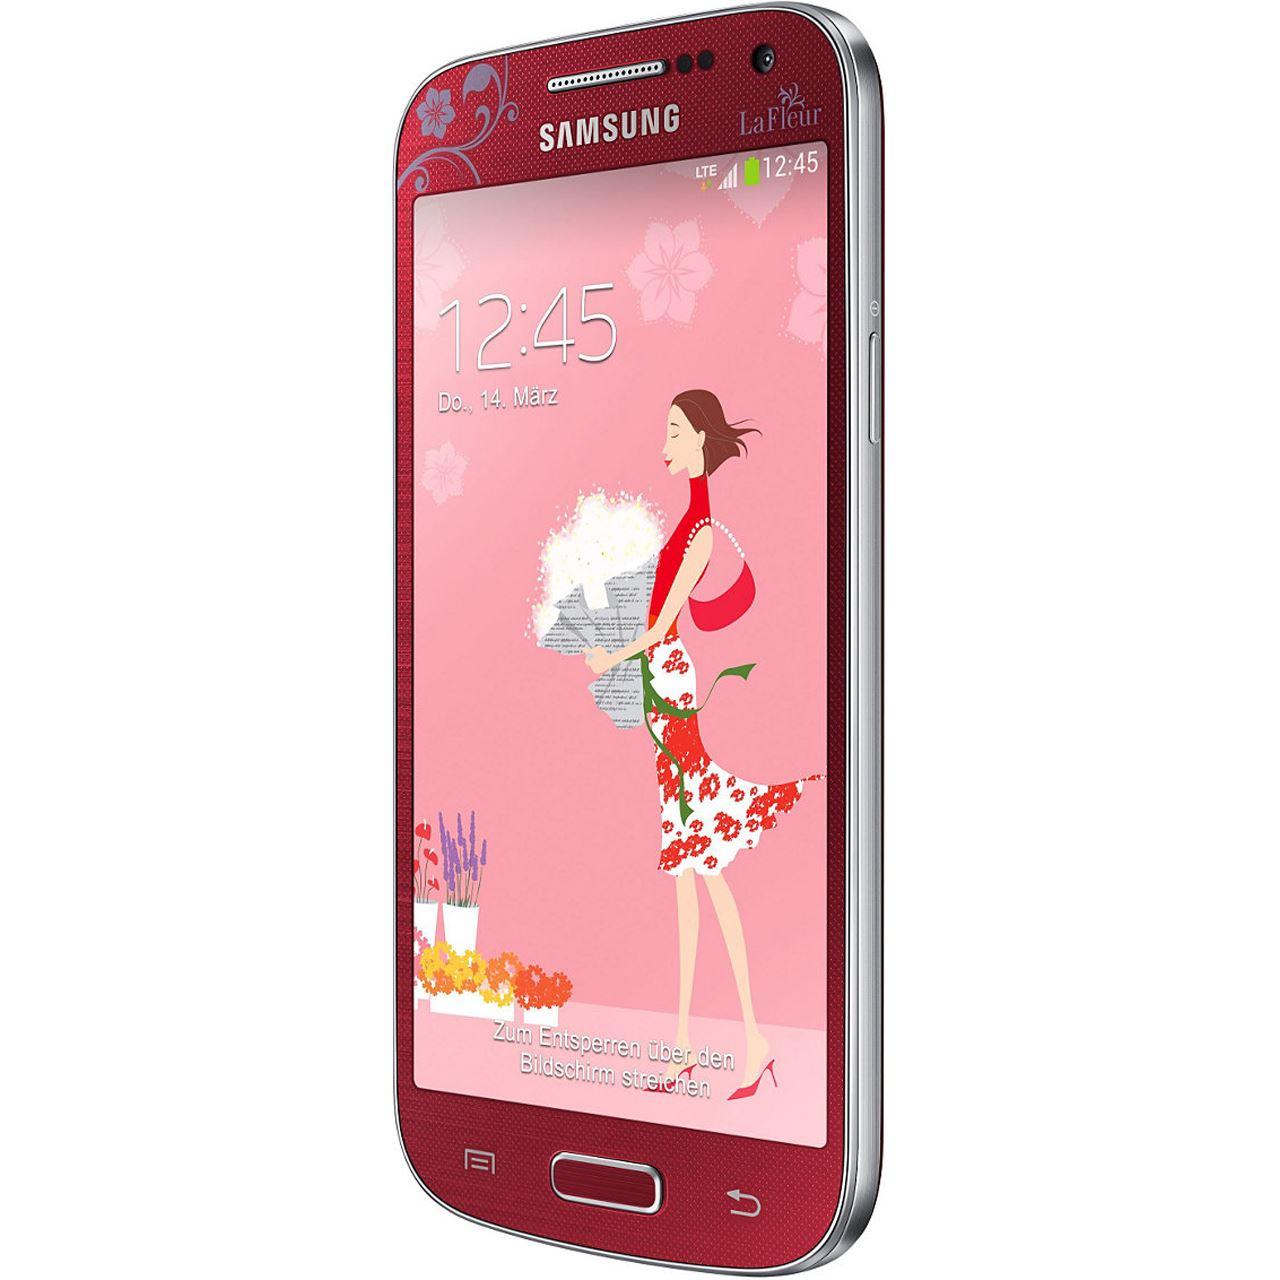 samsung galaxy s4 mini i9195 8 gb la fleur smartphones. Black Bedroom Furniture Sets. Home Design Ideas